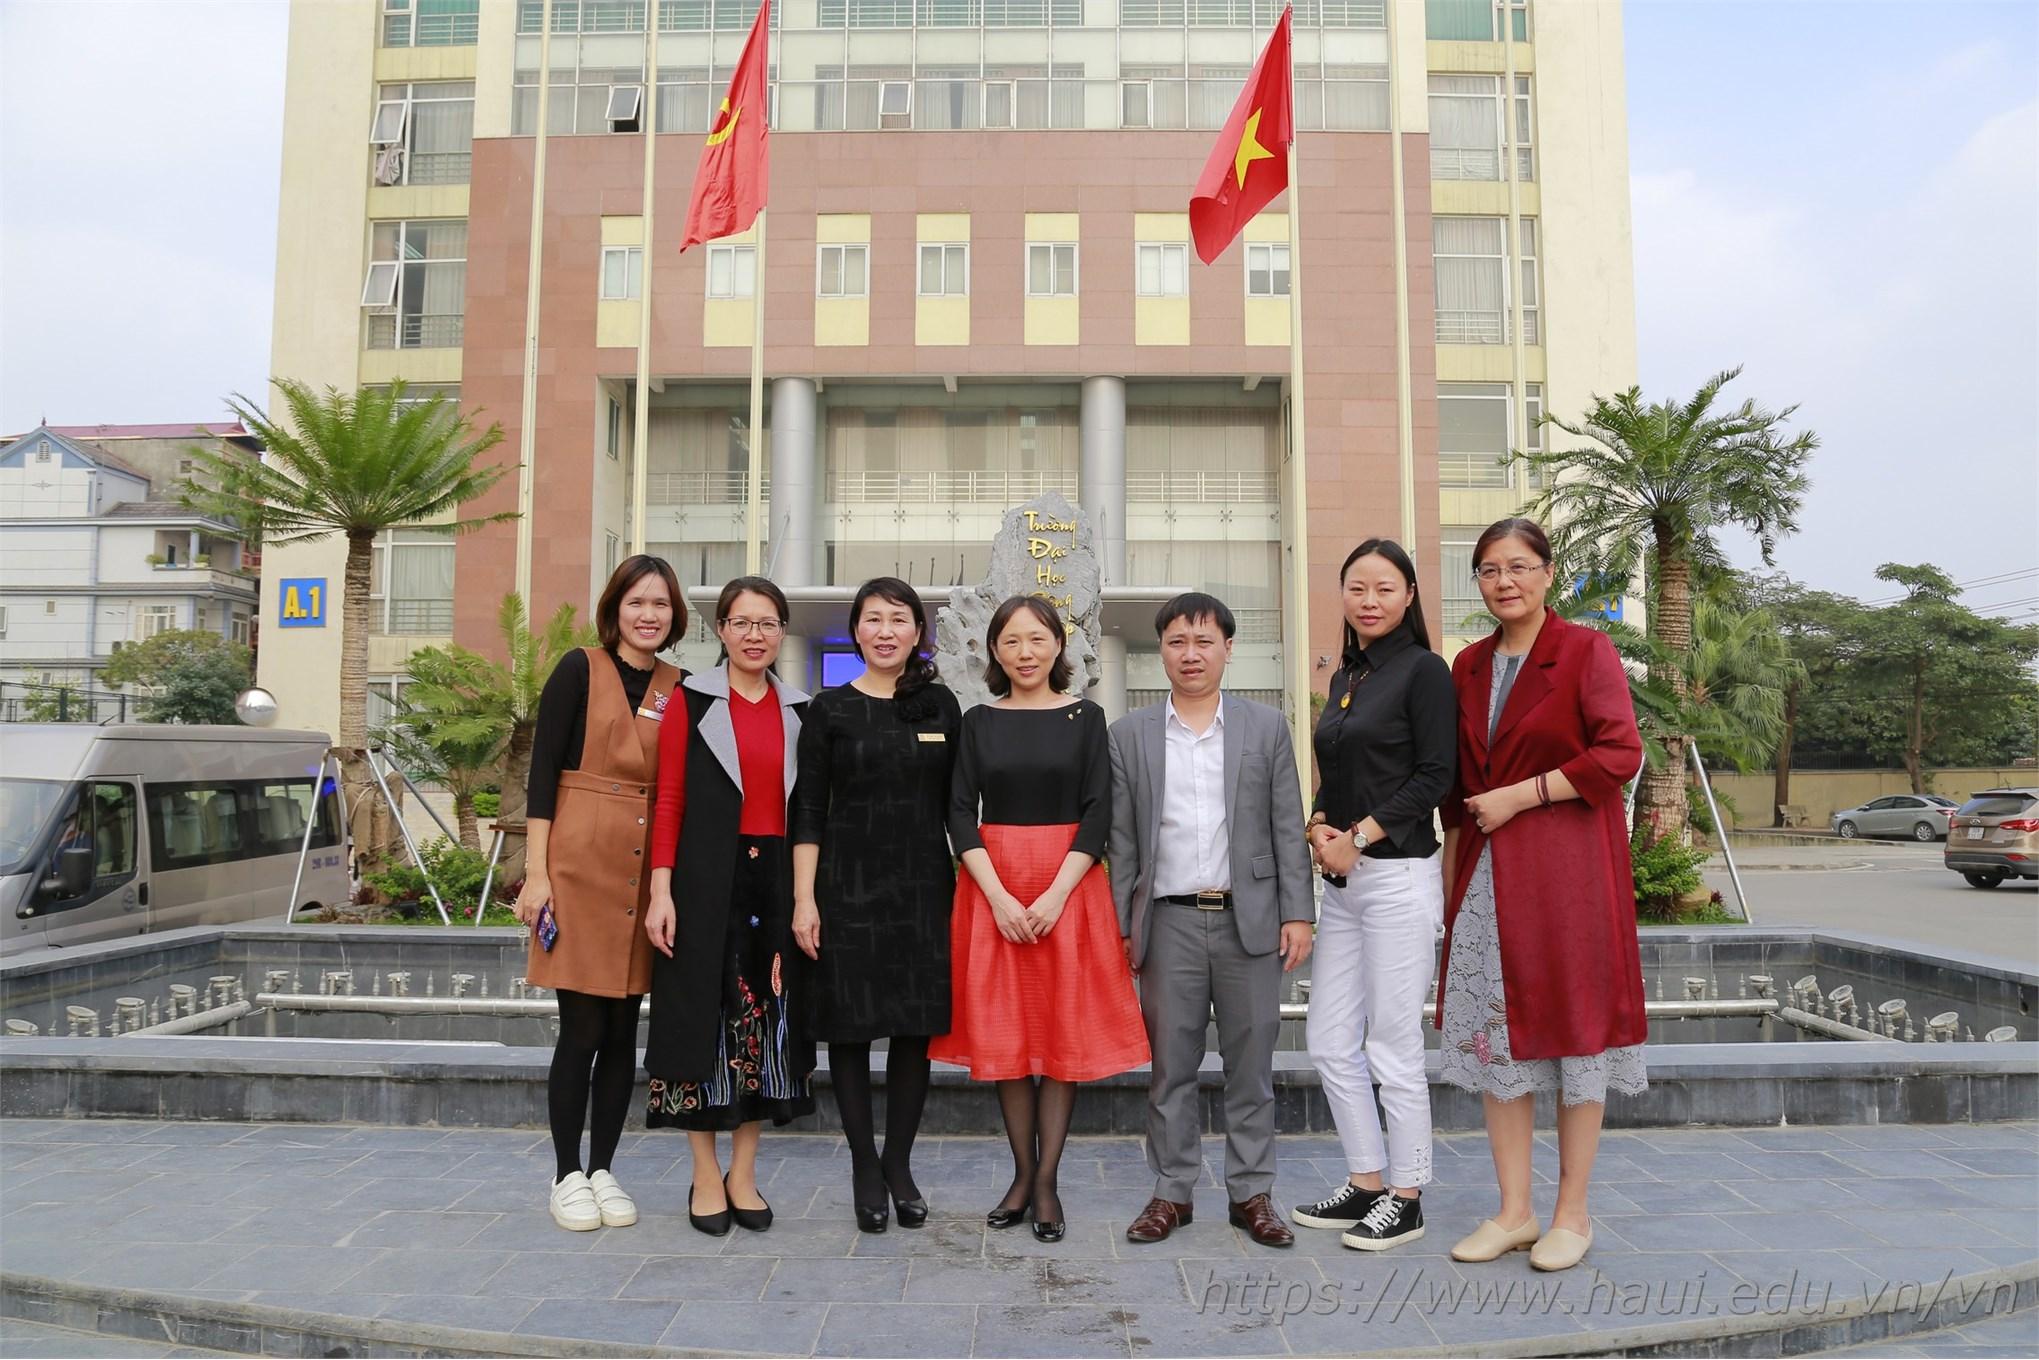 Học viện Công nghệ Trung Nguyên (Trung Quốc) thăm và trao đổi hợp tác với Đại học Công nghiệp Hà Nội